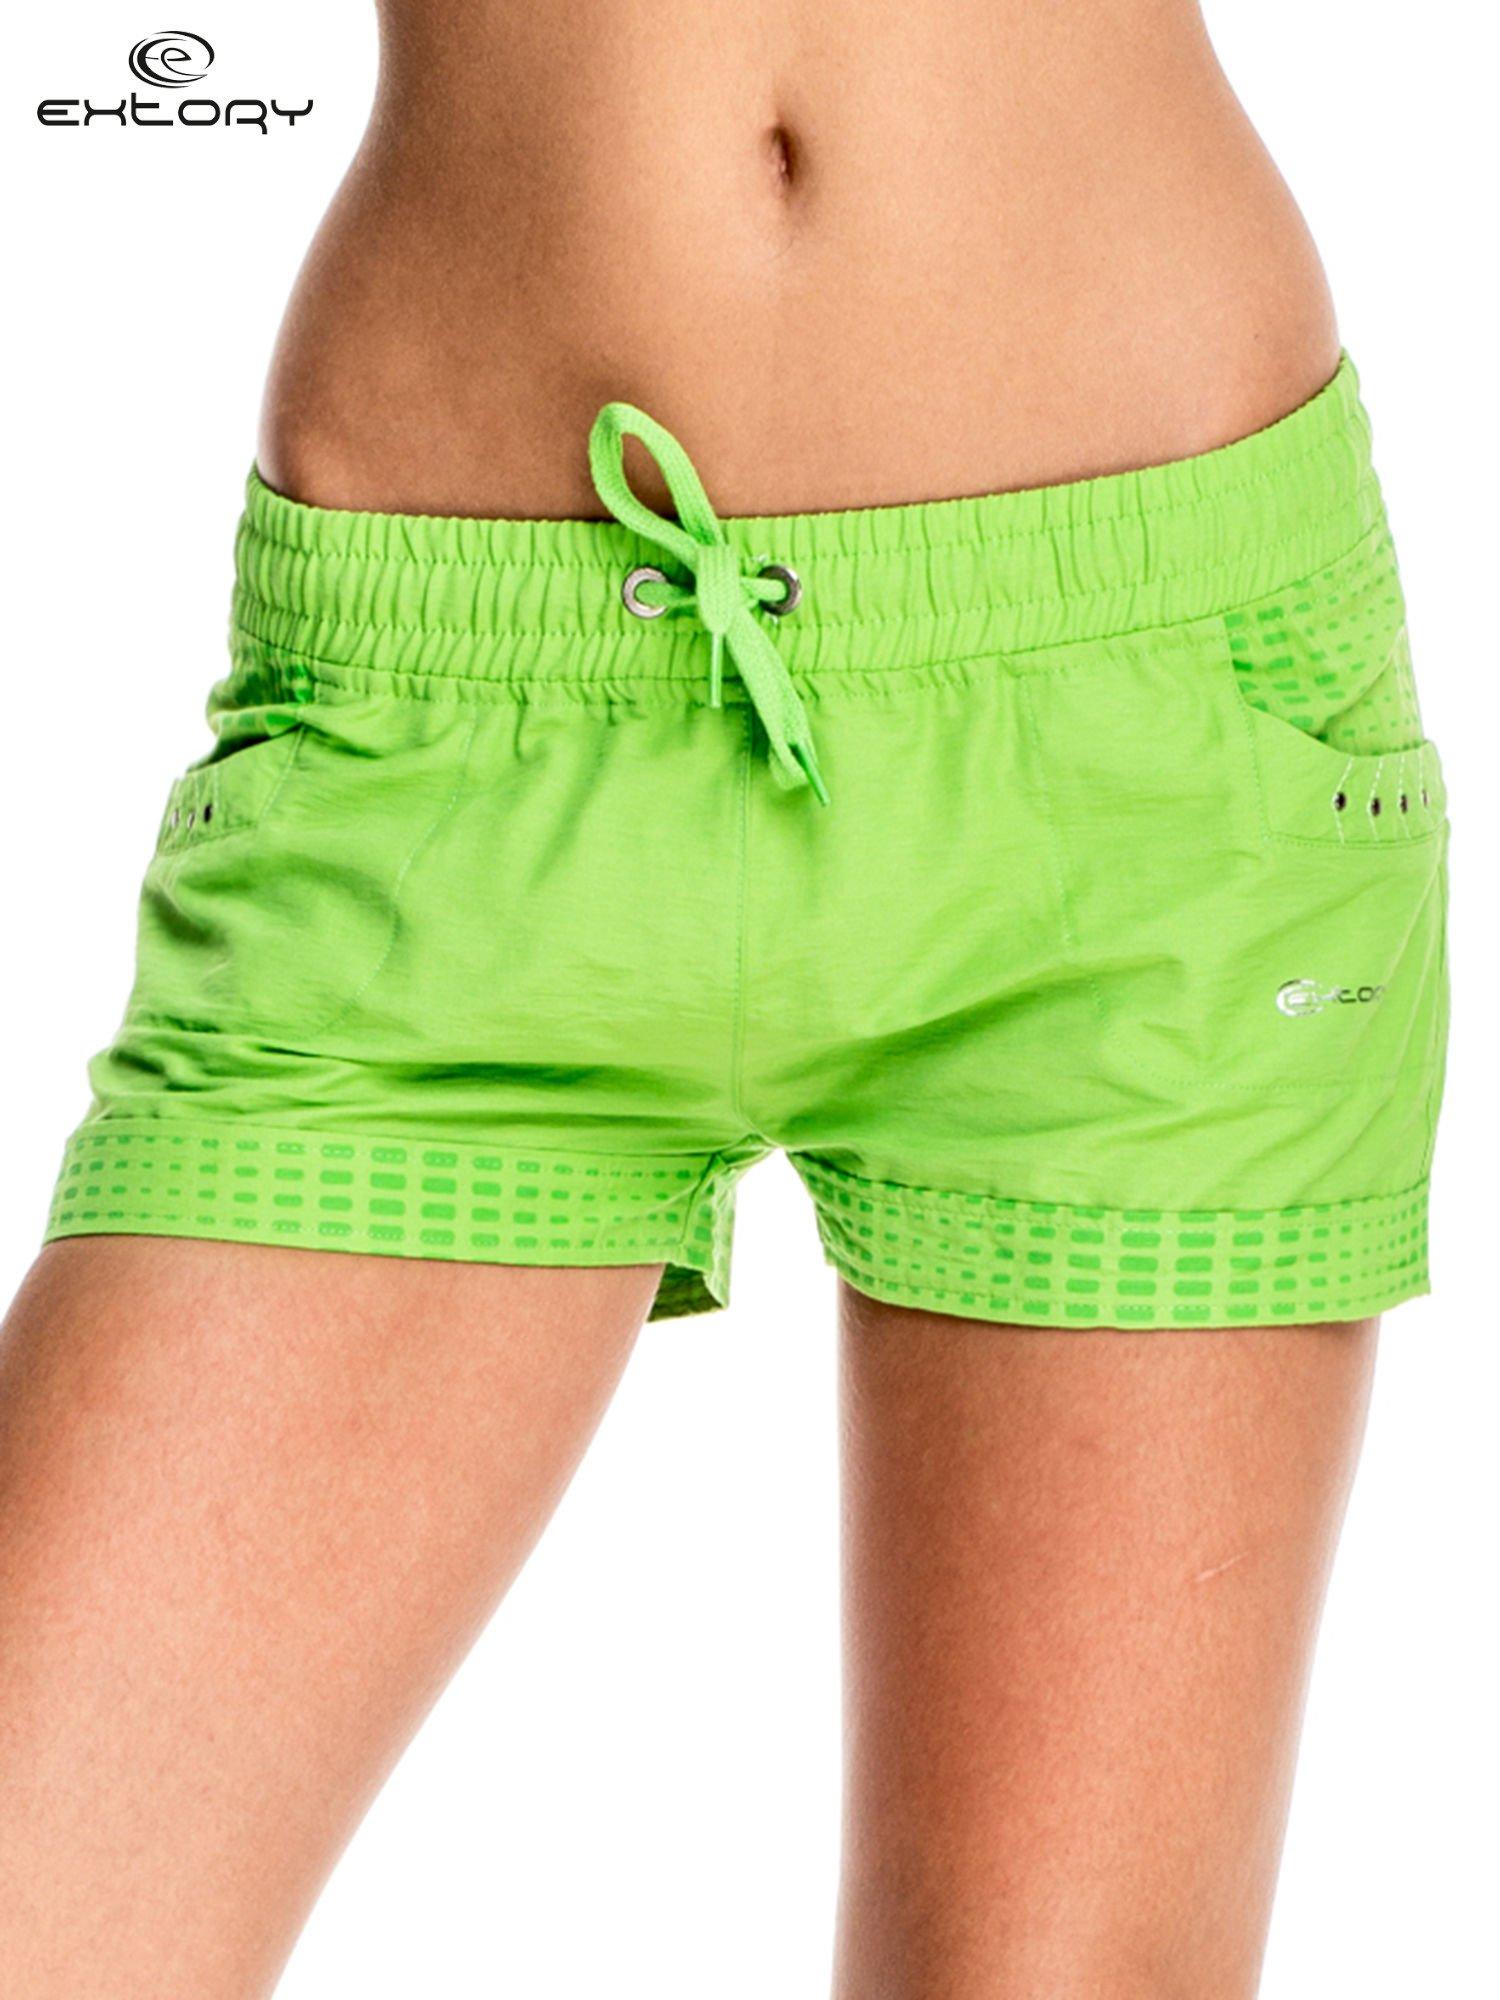 Zielone damskie szorty sportowe wiązane w pasie                                  zdj.                                  1